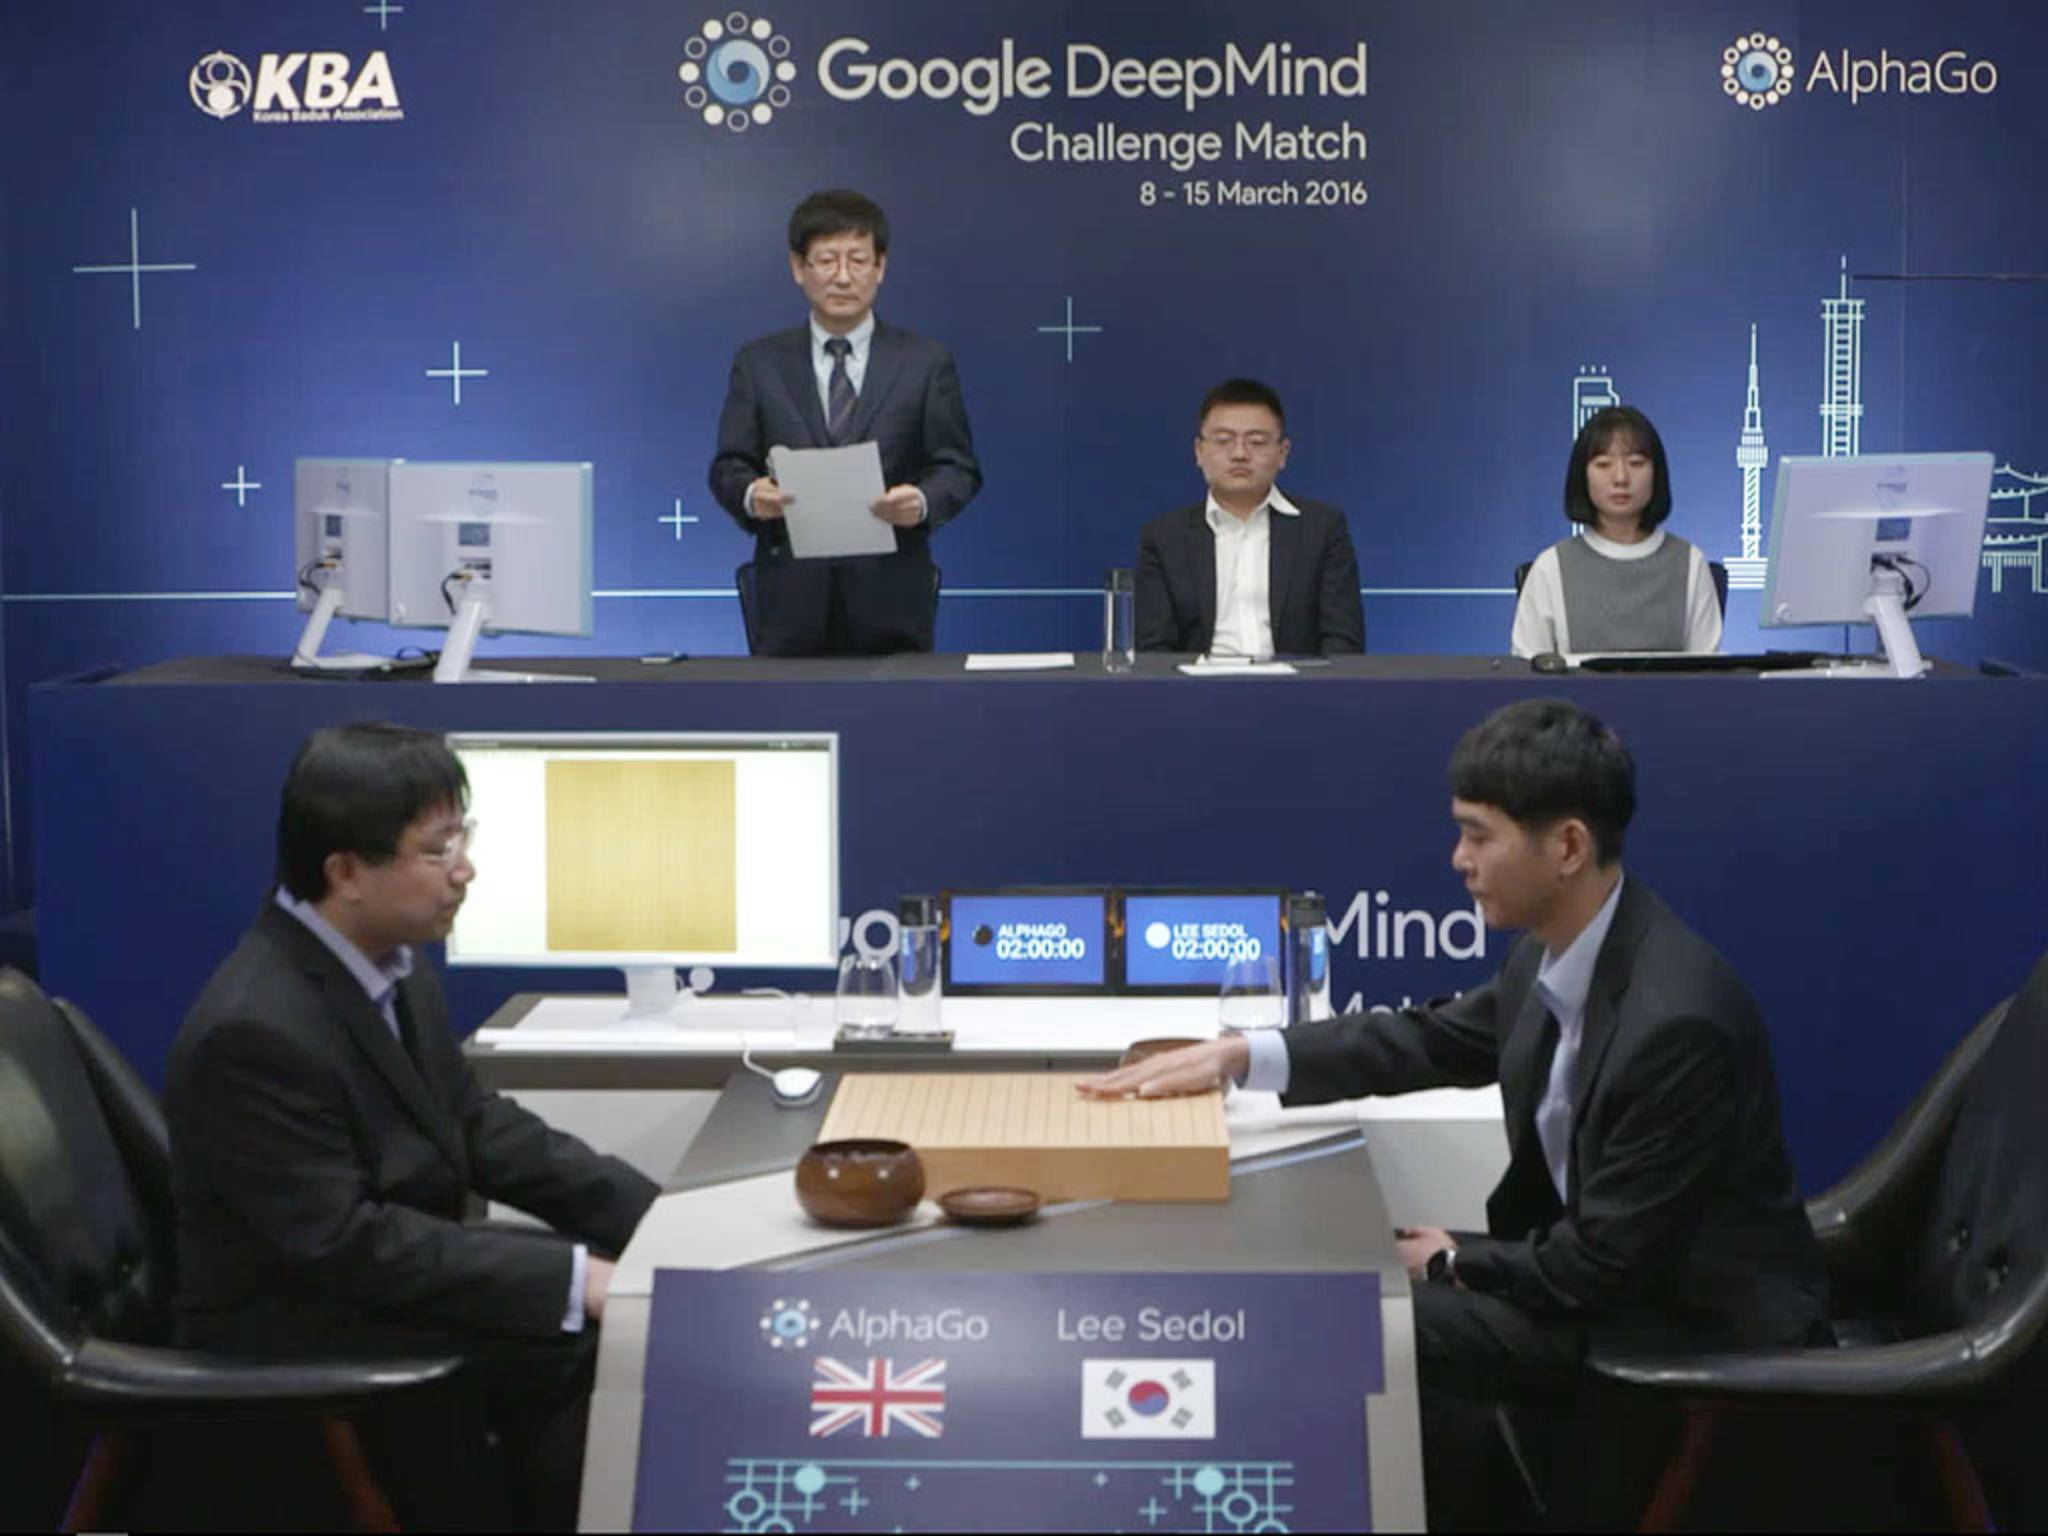 Der Go-Weltmeister Lee Sedol (rechts) aus Südkorea musste gegen die KI AlphaGo verdammt schnell aufgeben.